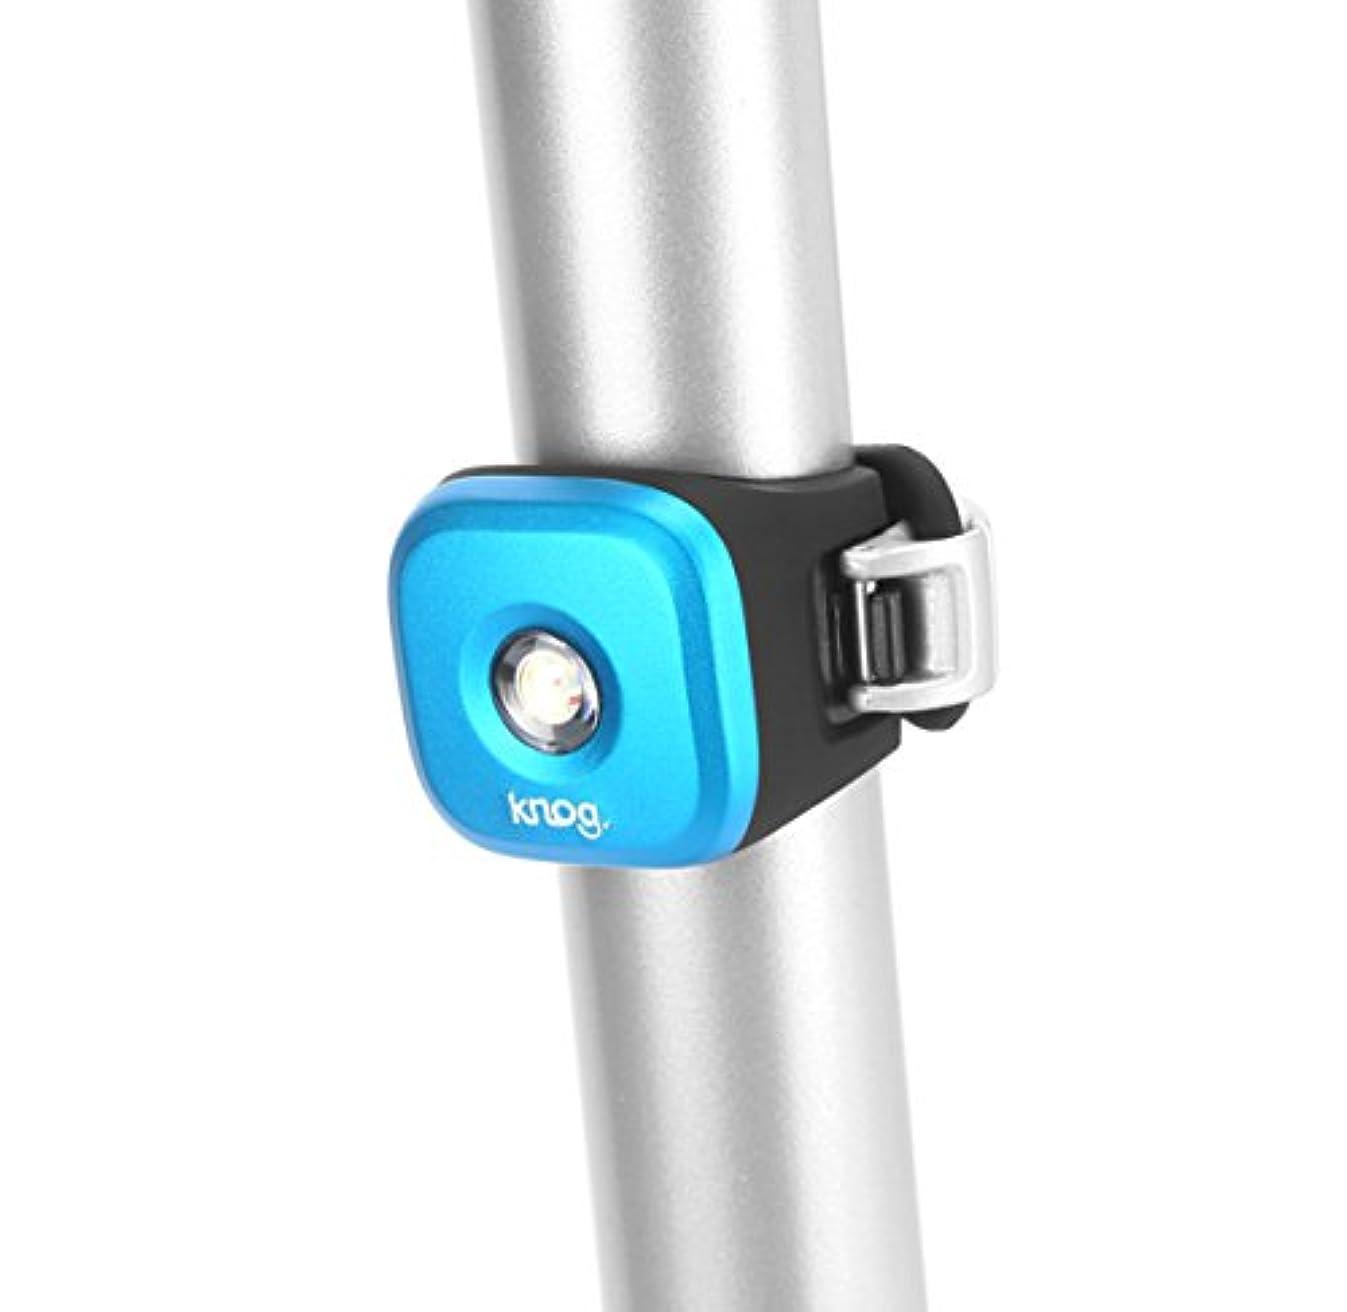 完璧ためらう結論knog(ノグ) BLINDER 1 REAR STANDARD /BLUE